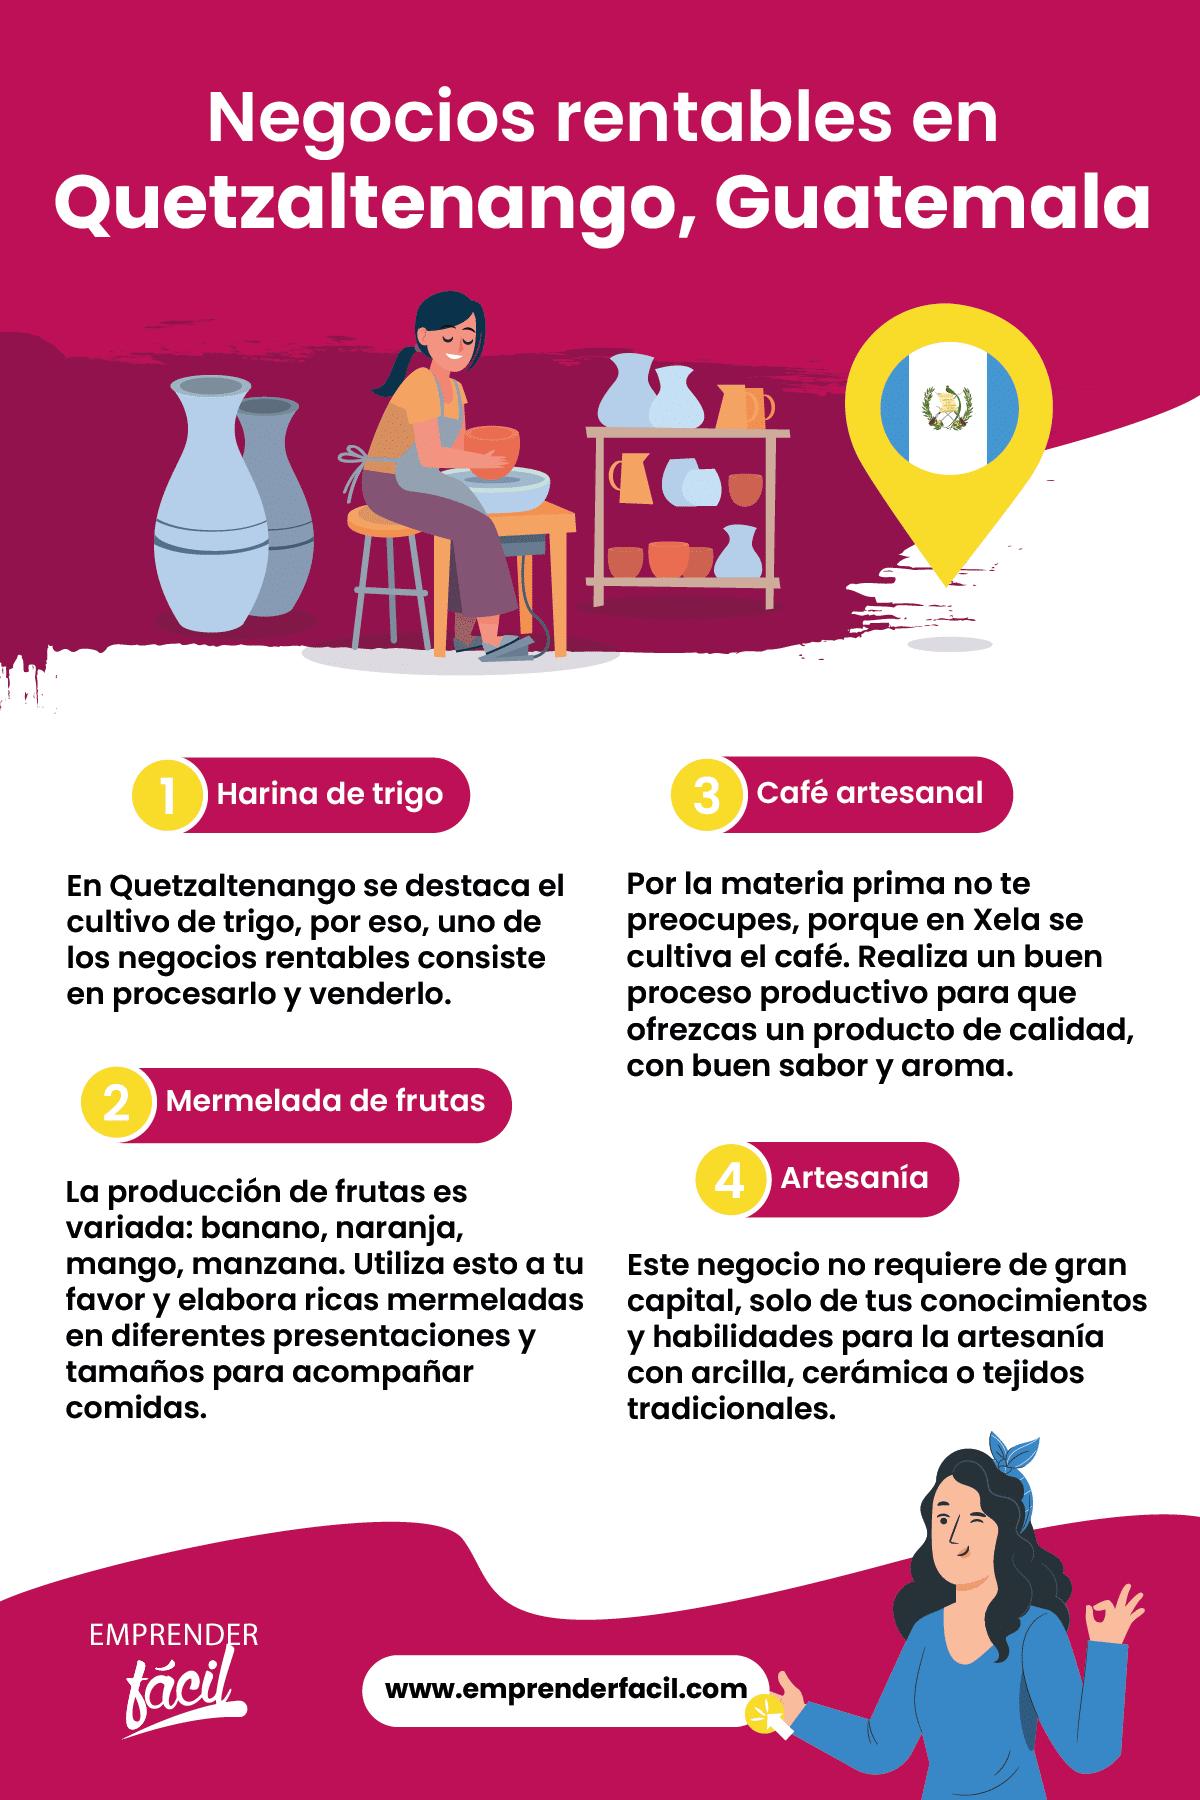 Negocios rentables en Quetzaltenango, Guatemala.